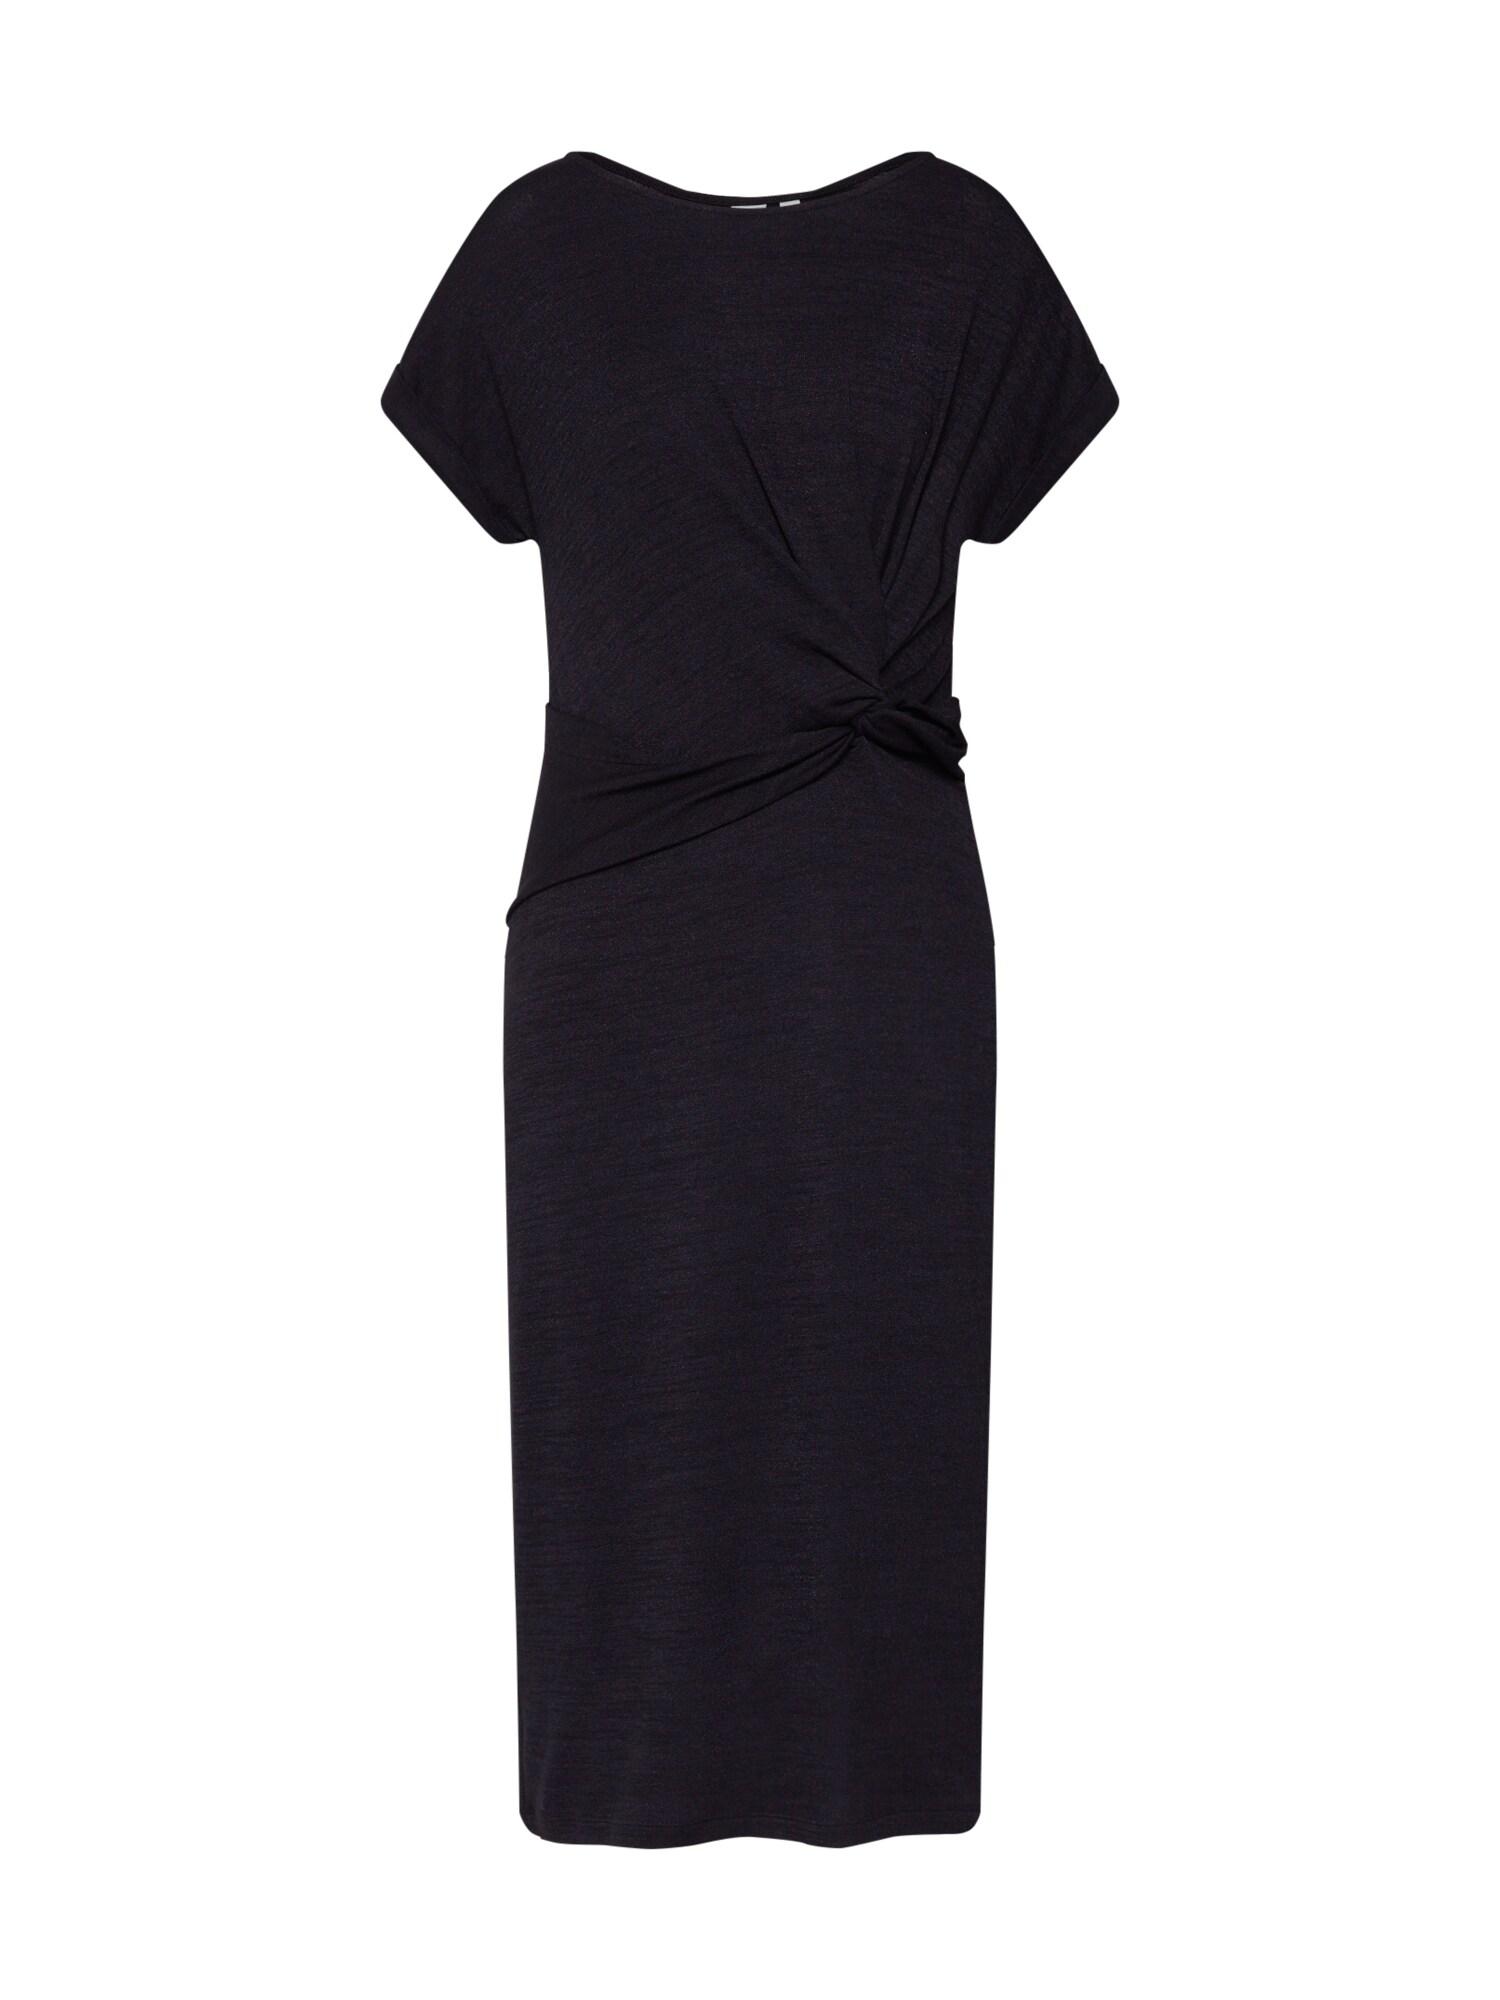 Letní šaty SSSTFSPNKNOTWSTMIDIMARL černá GAP